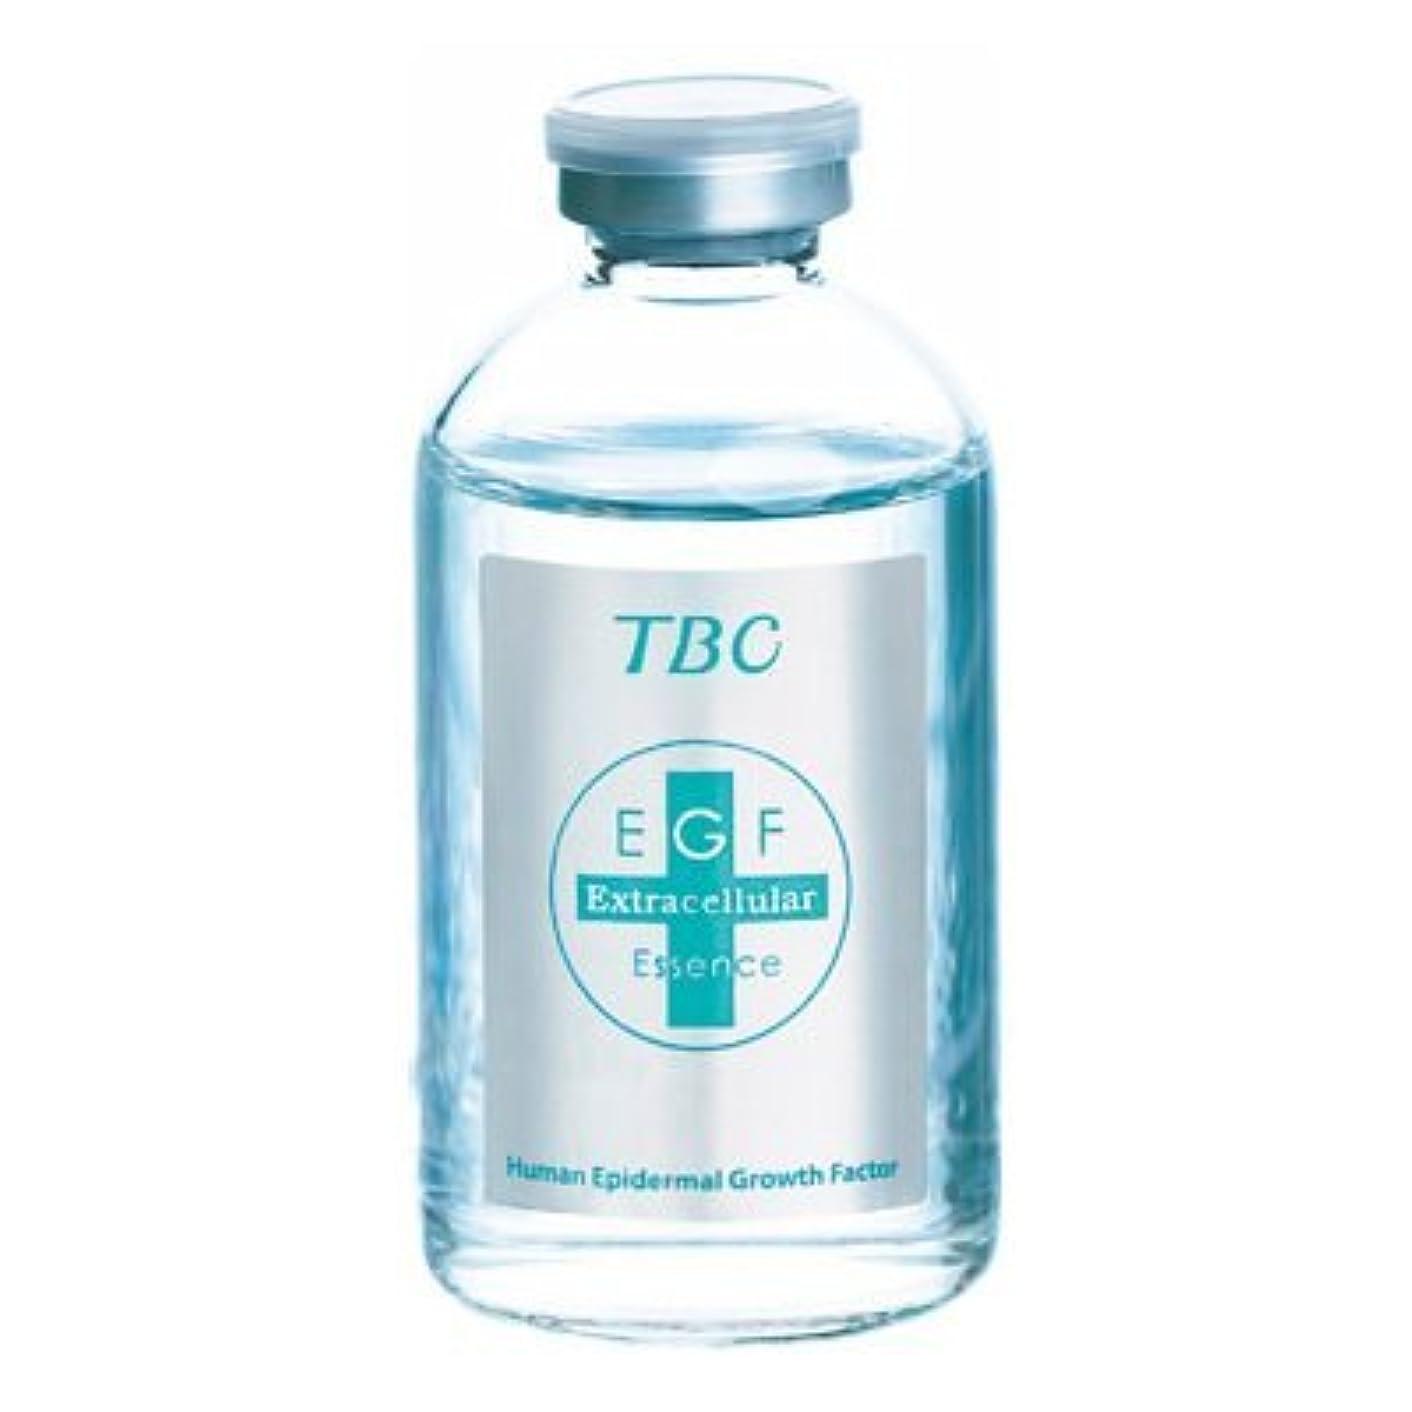 タフソーシャル原因TBC EGF エクストラエッセンス 60ml [並行輸入品]